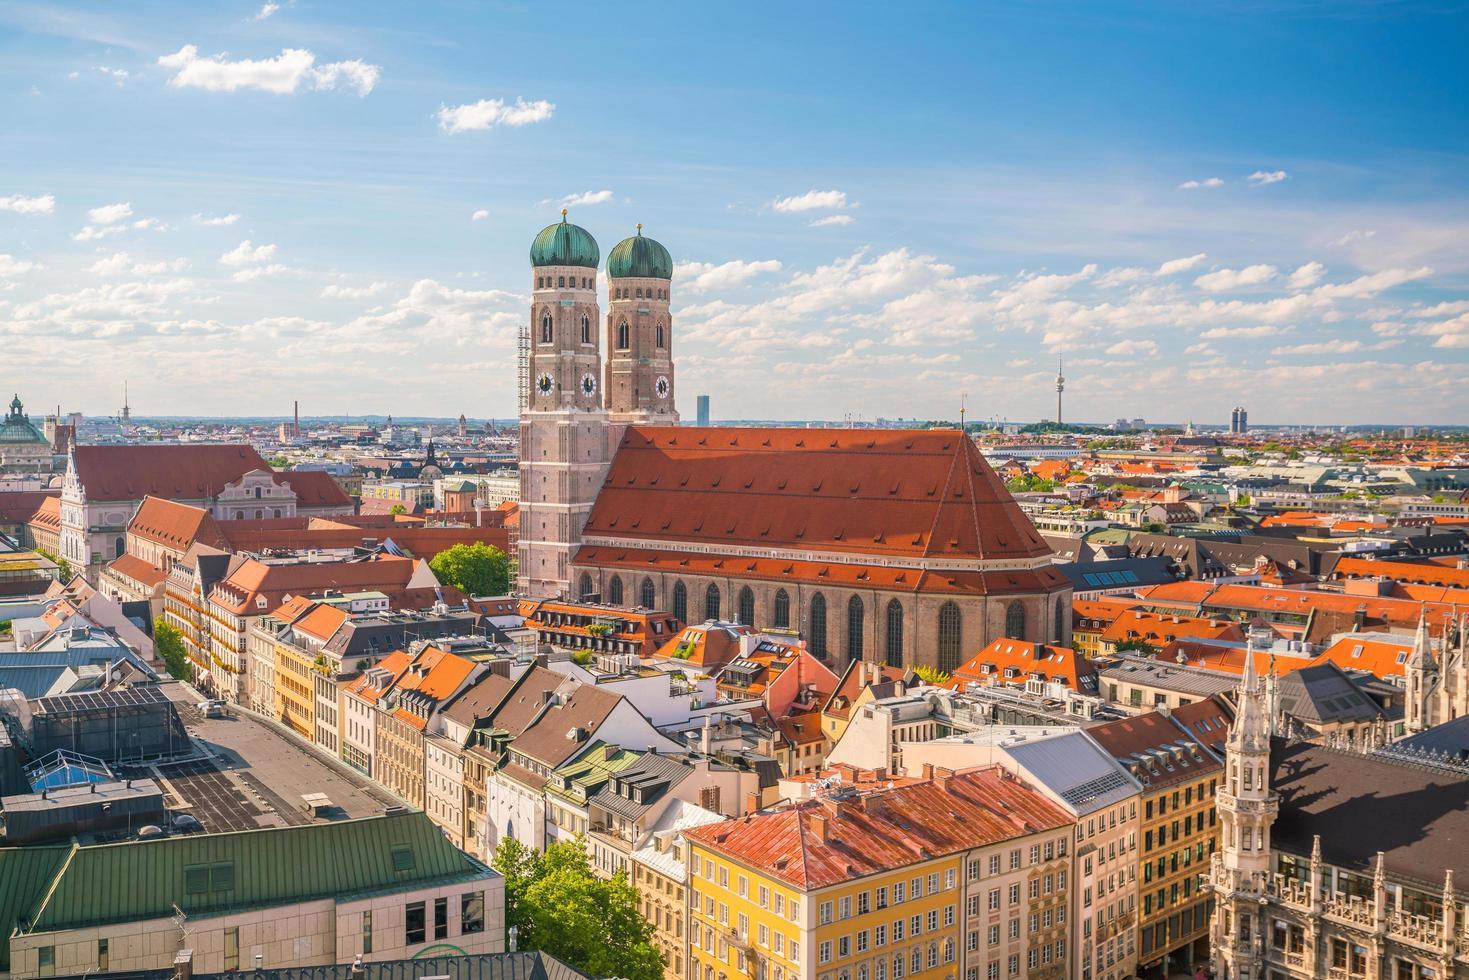 Vue aérienne de la ville de Munich photo